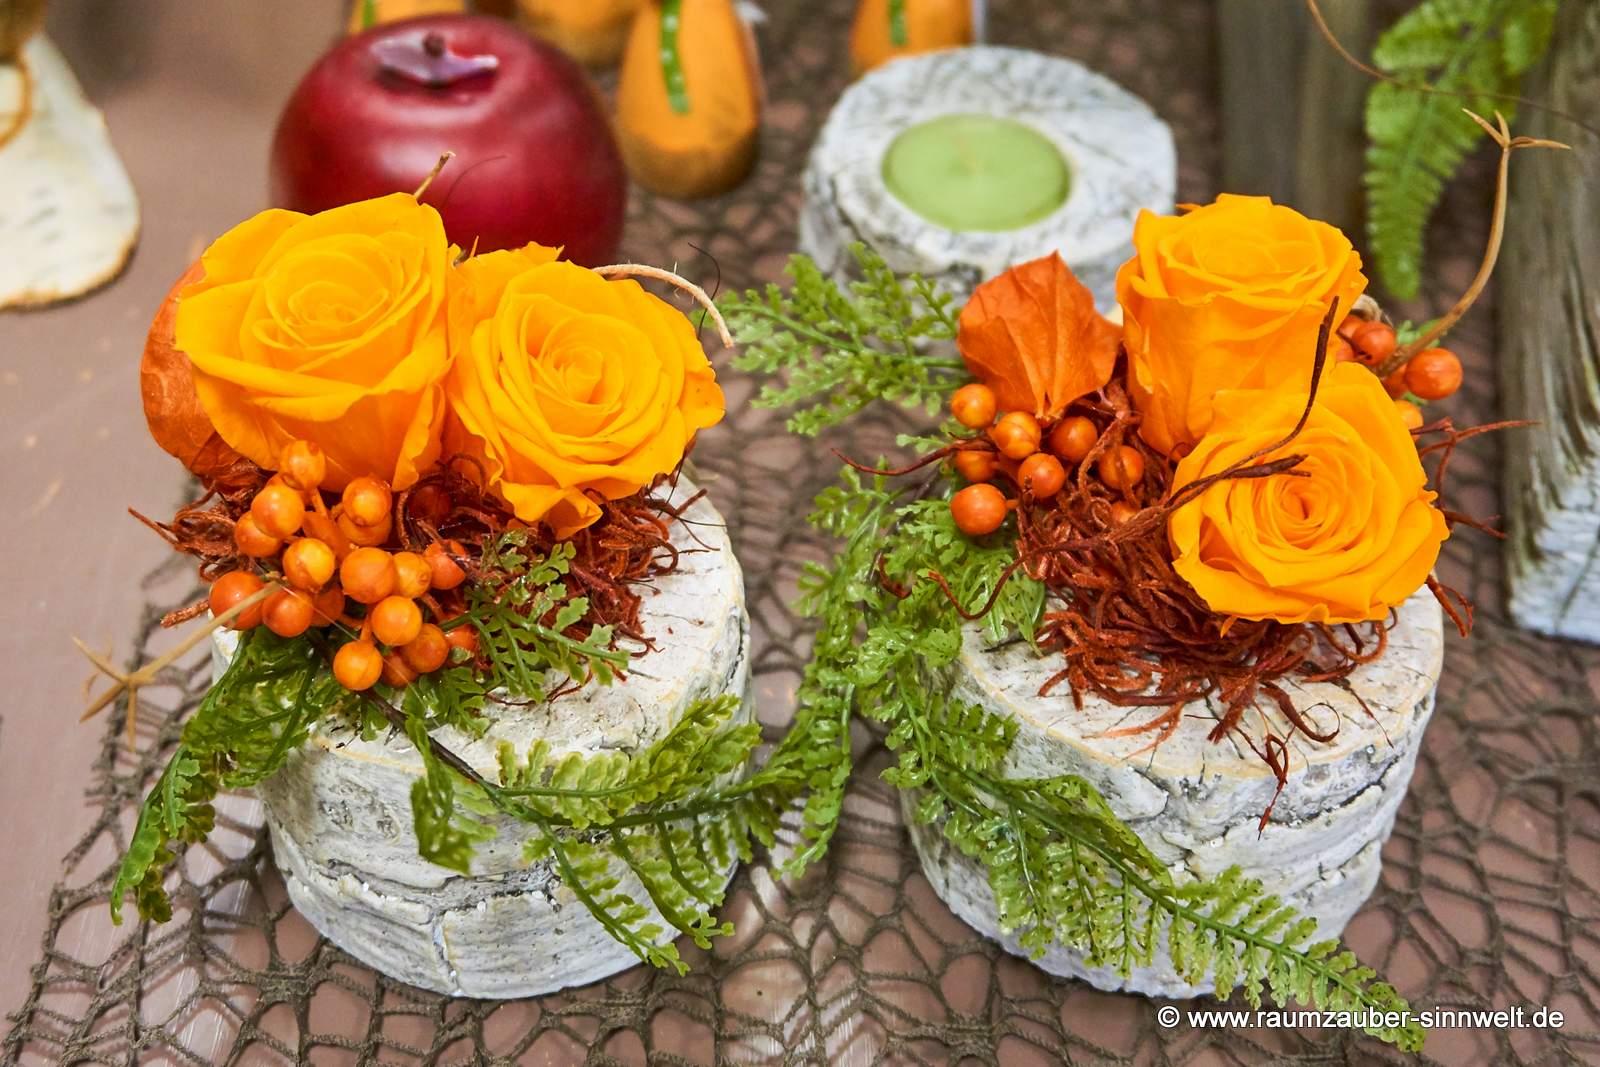 Trockendekoration mit gefriergetrockneten Rosen in Birkenstein-Keramik